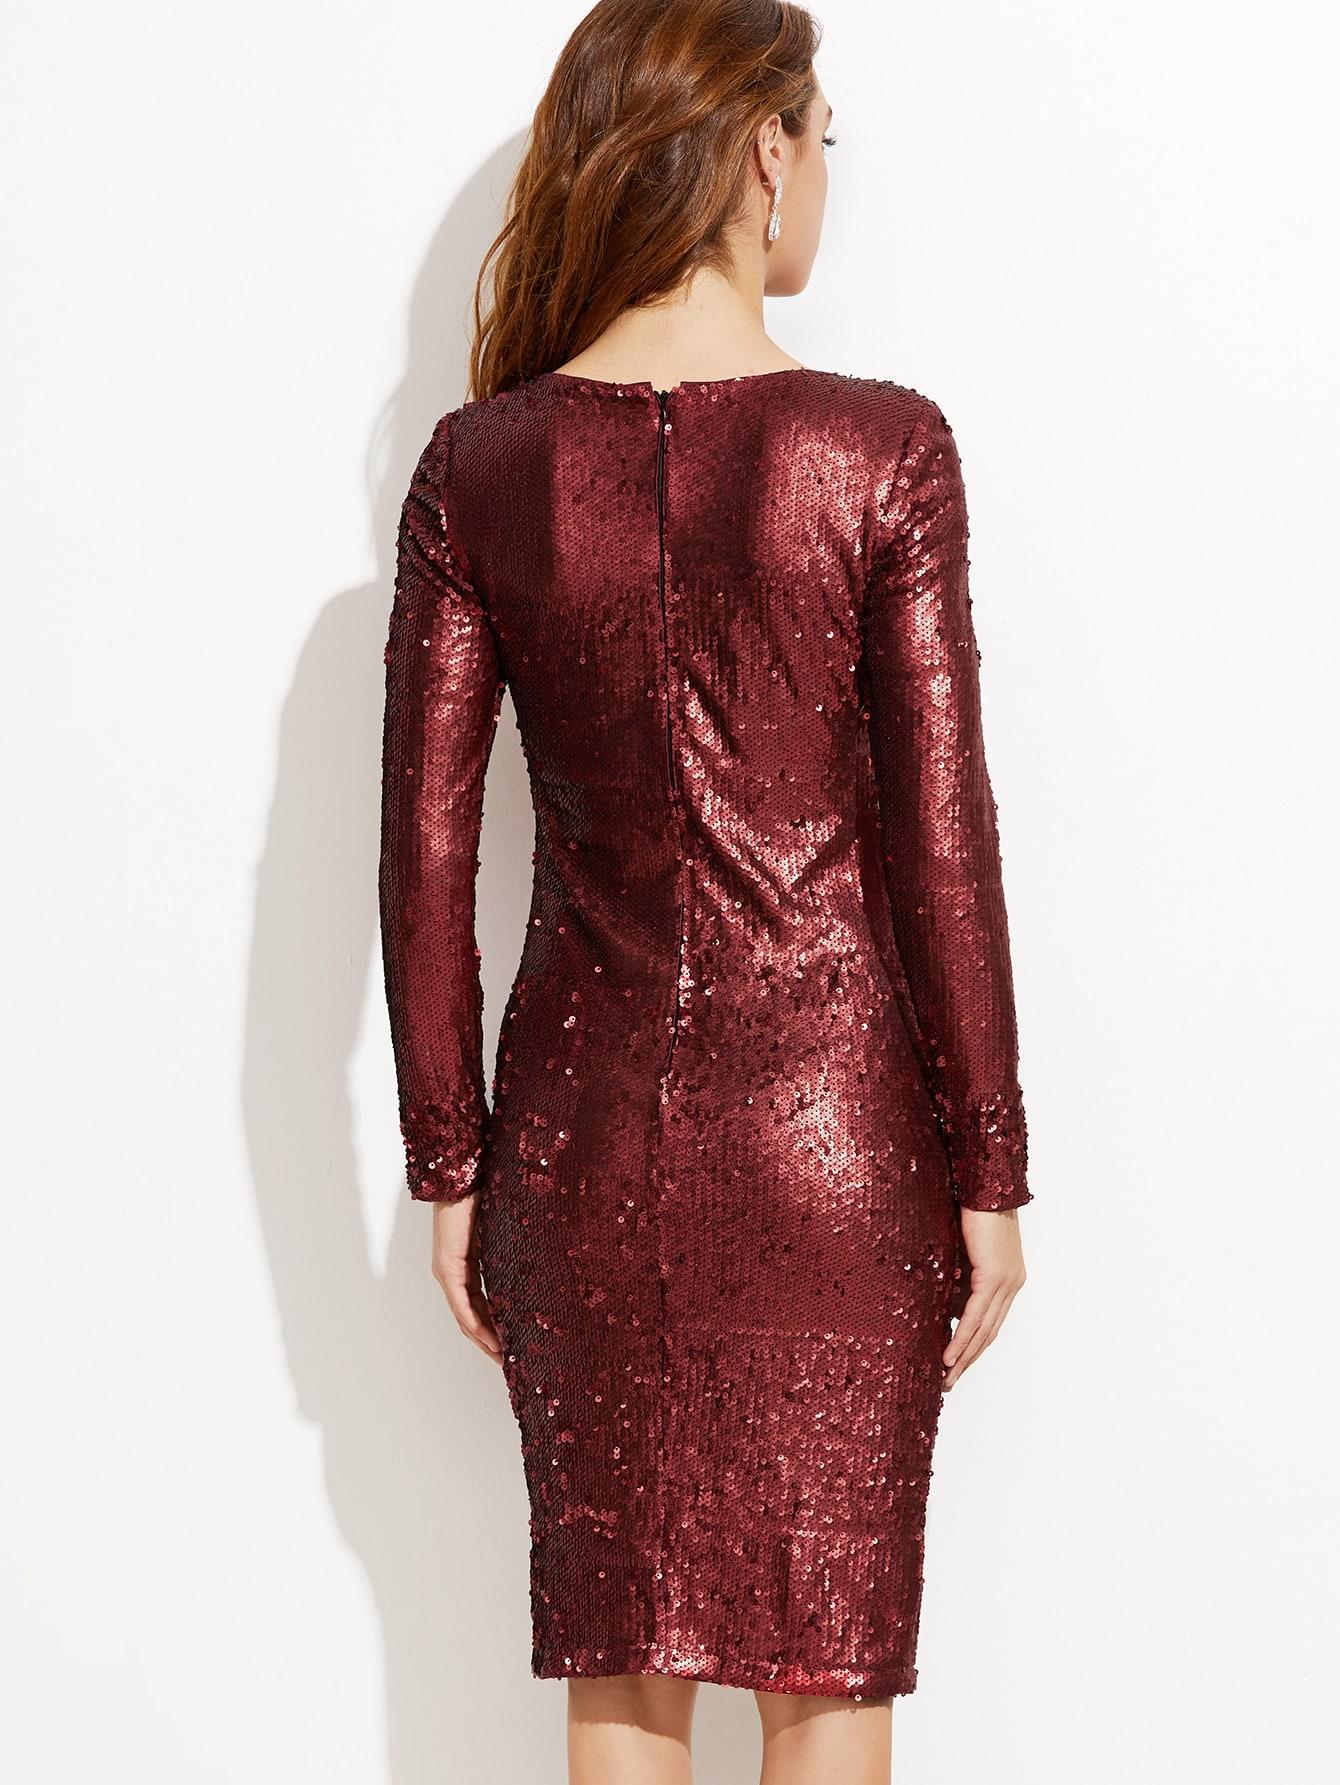 dress160928701_2